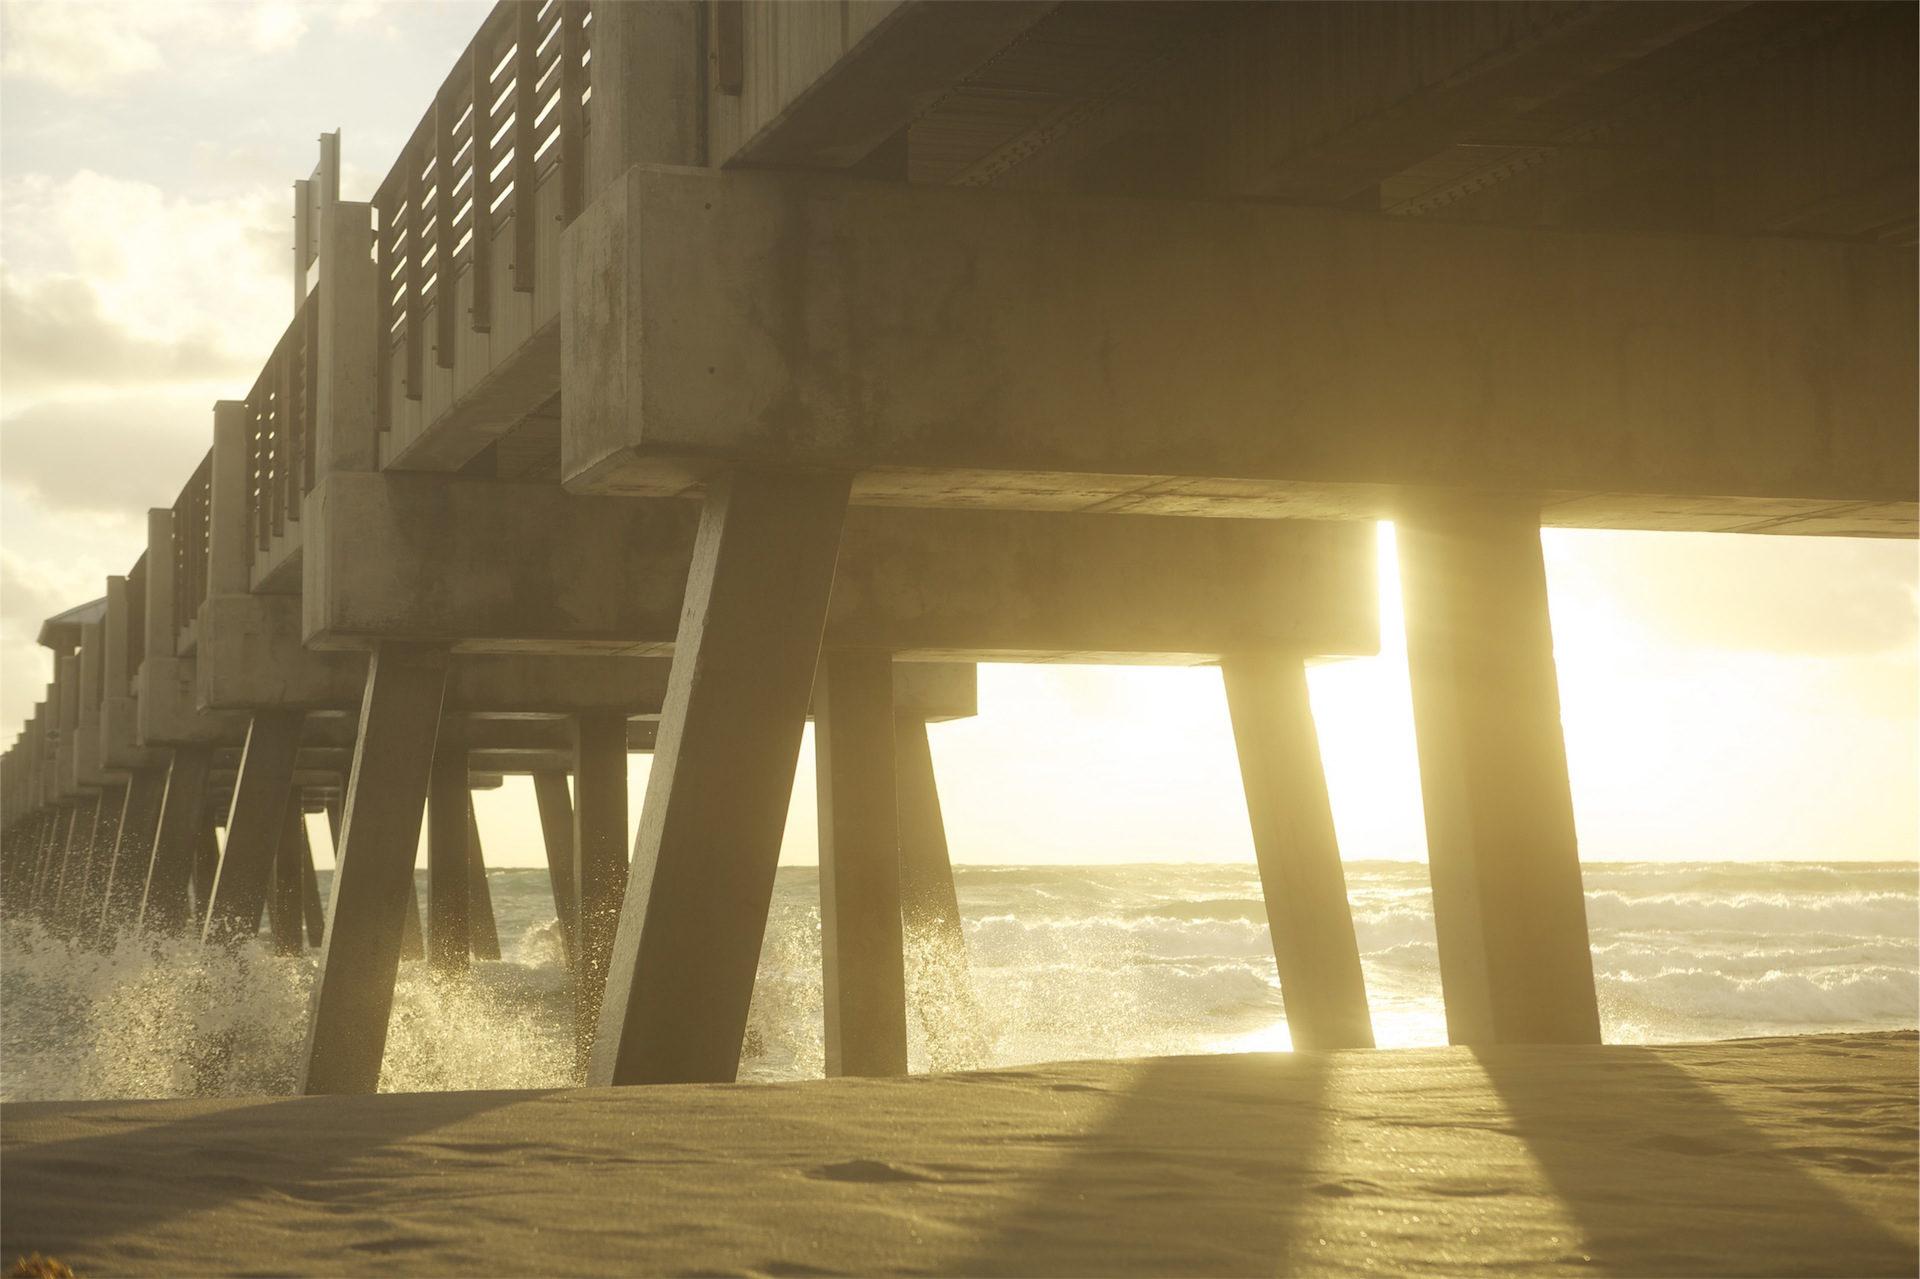 olas, Θά�κύματα�α, oleaje, γέφυρα, Ηλιοβασίλεμα - Wallpapers HD - Professor-falken.com